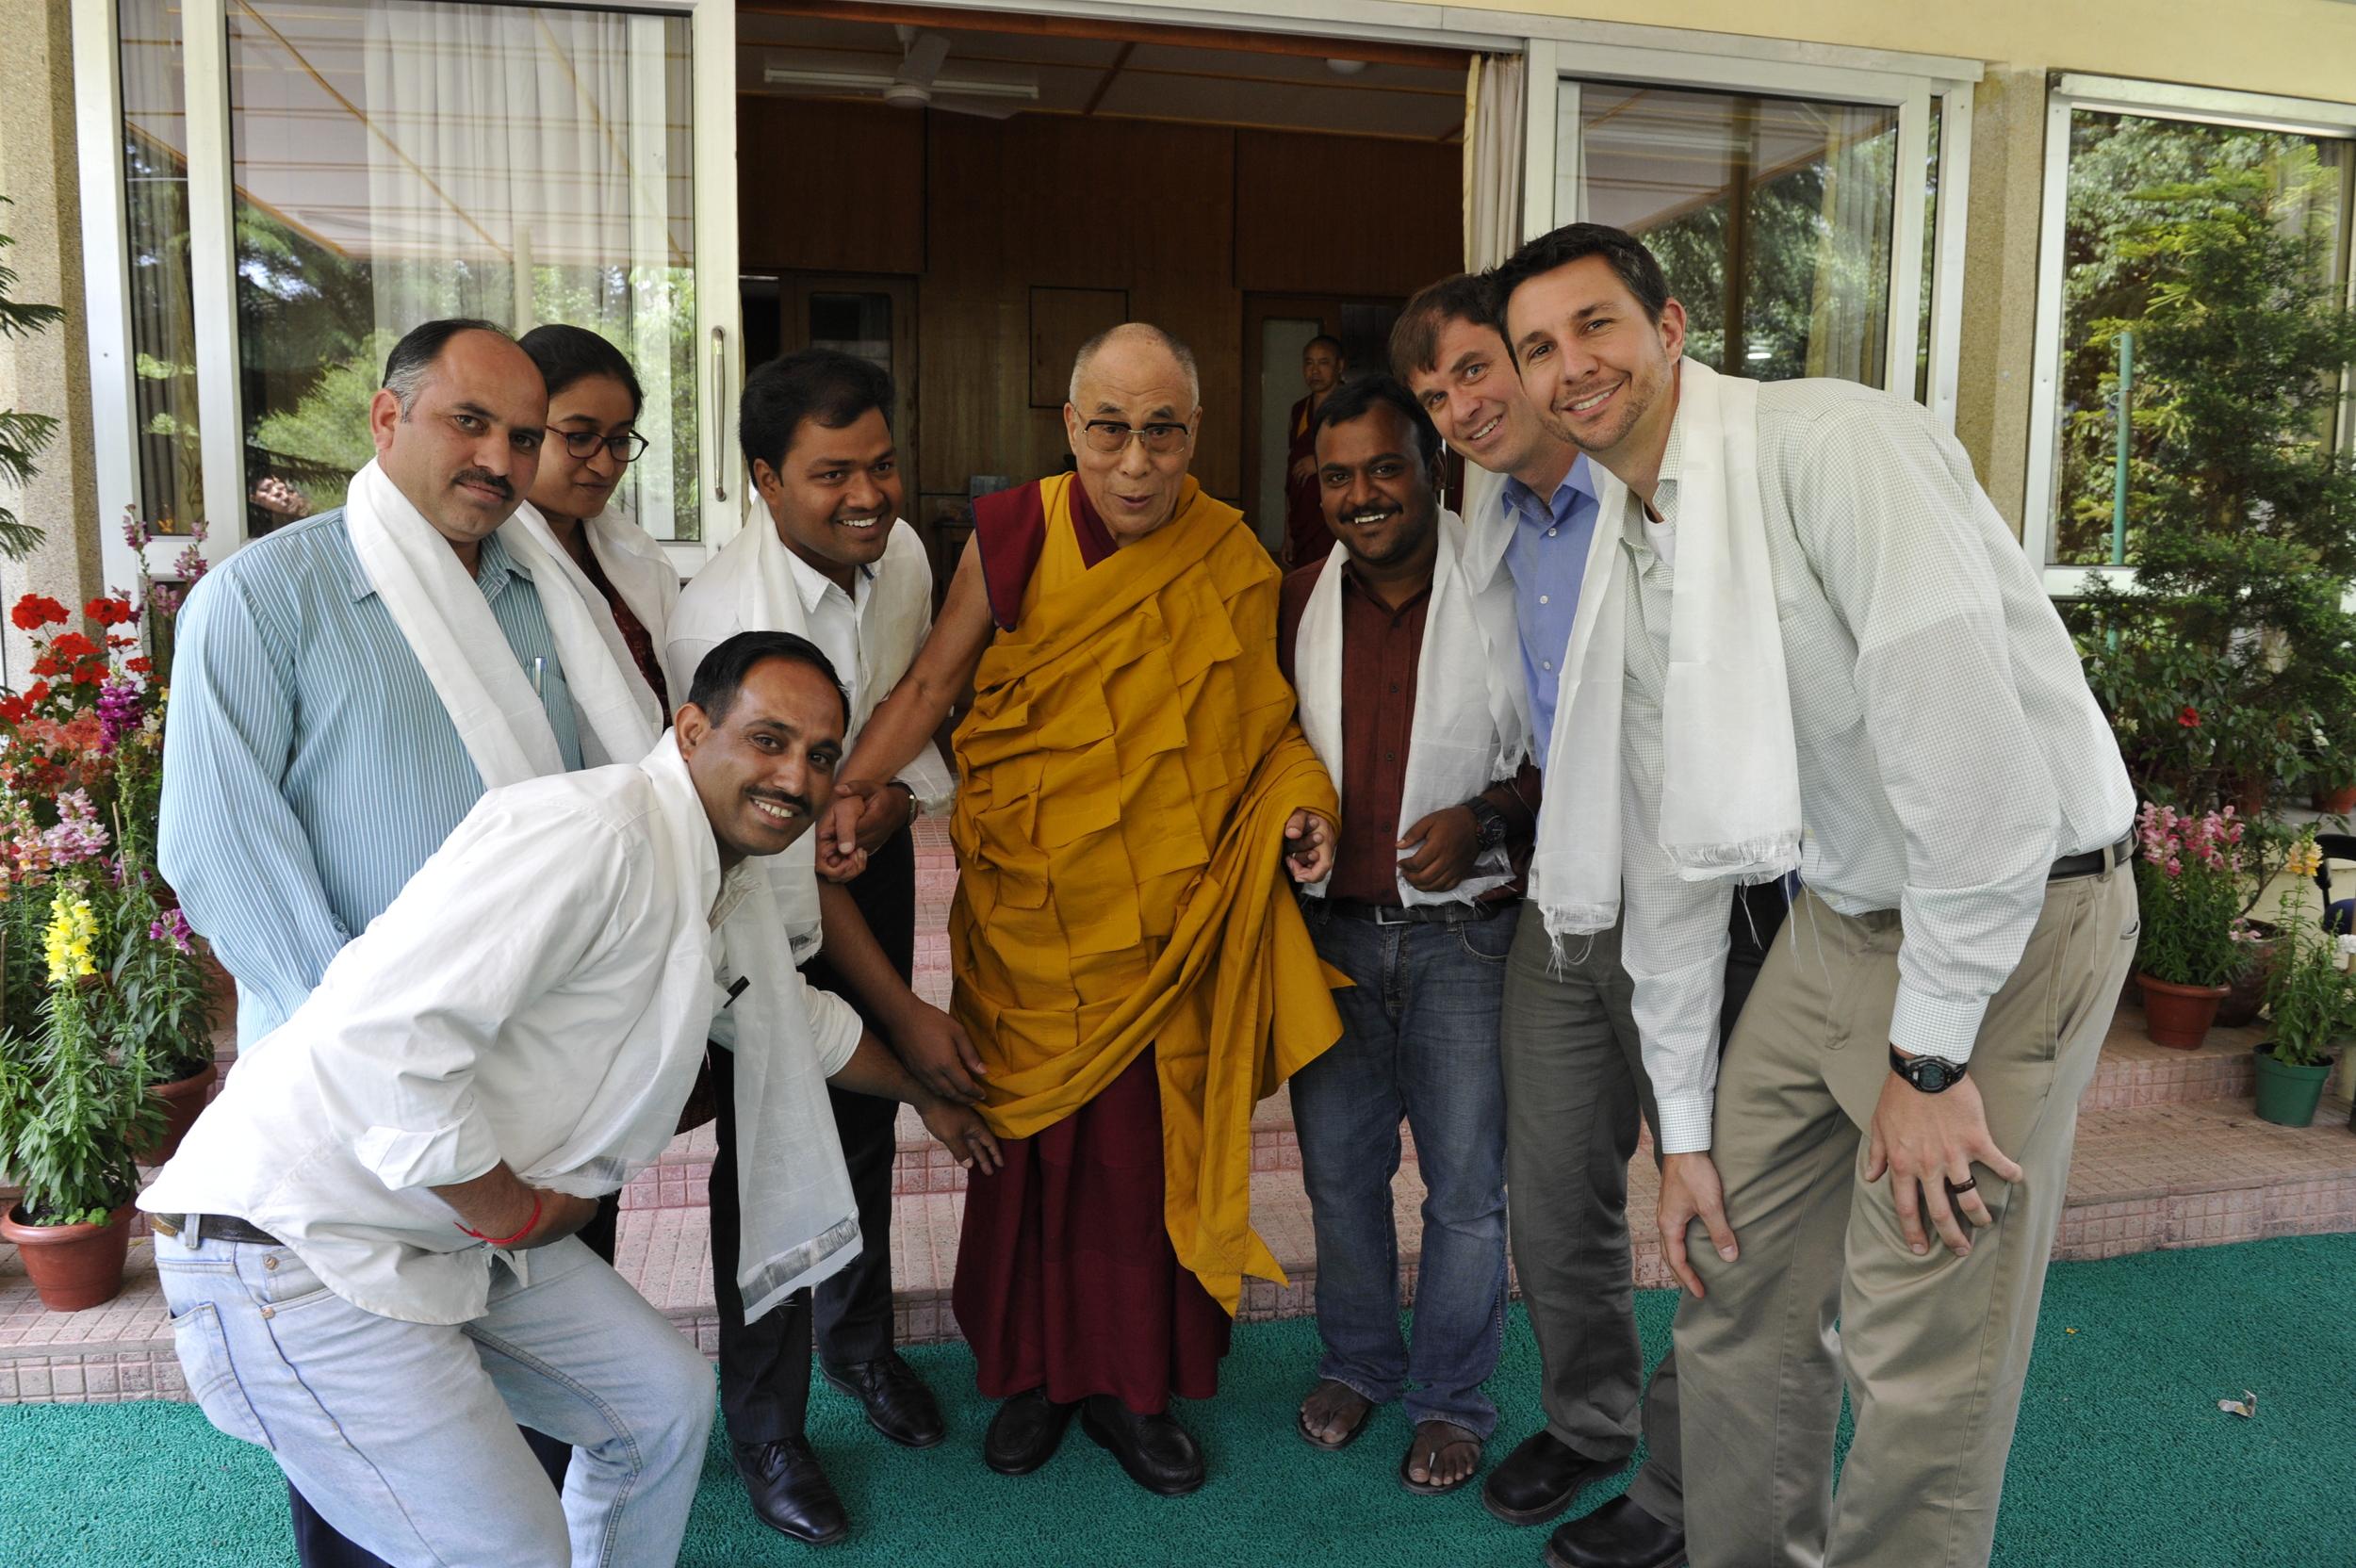 Dalai Lama 5.1.13 2.jpg